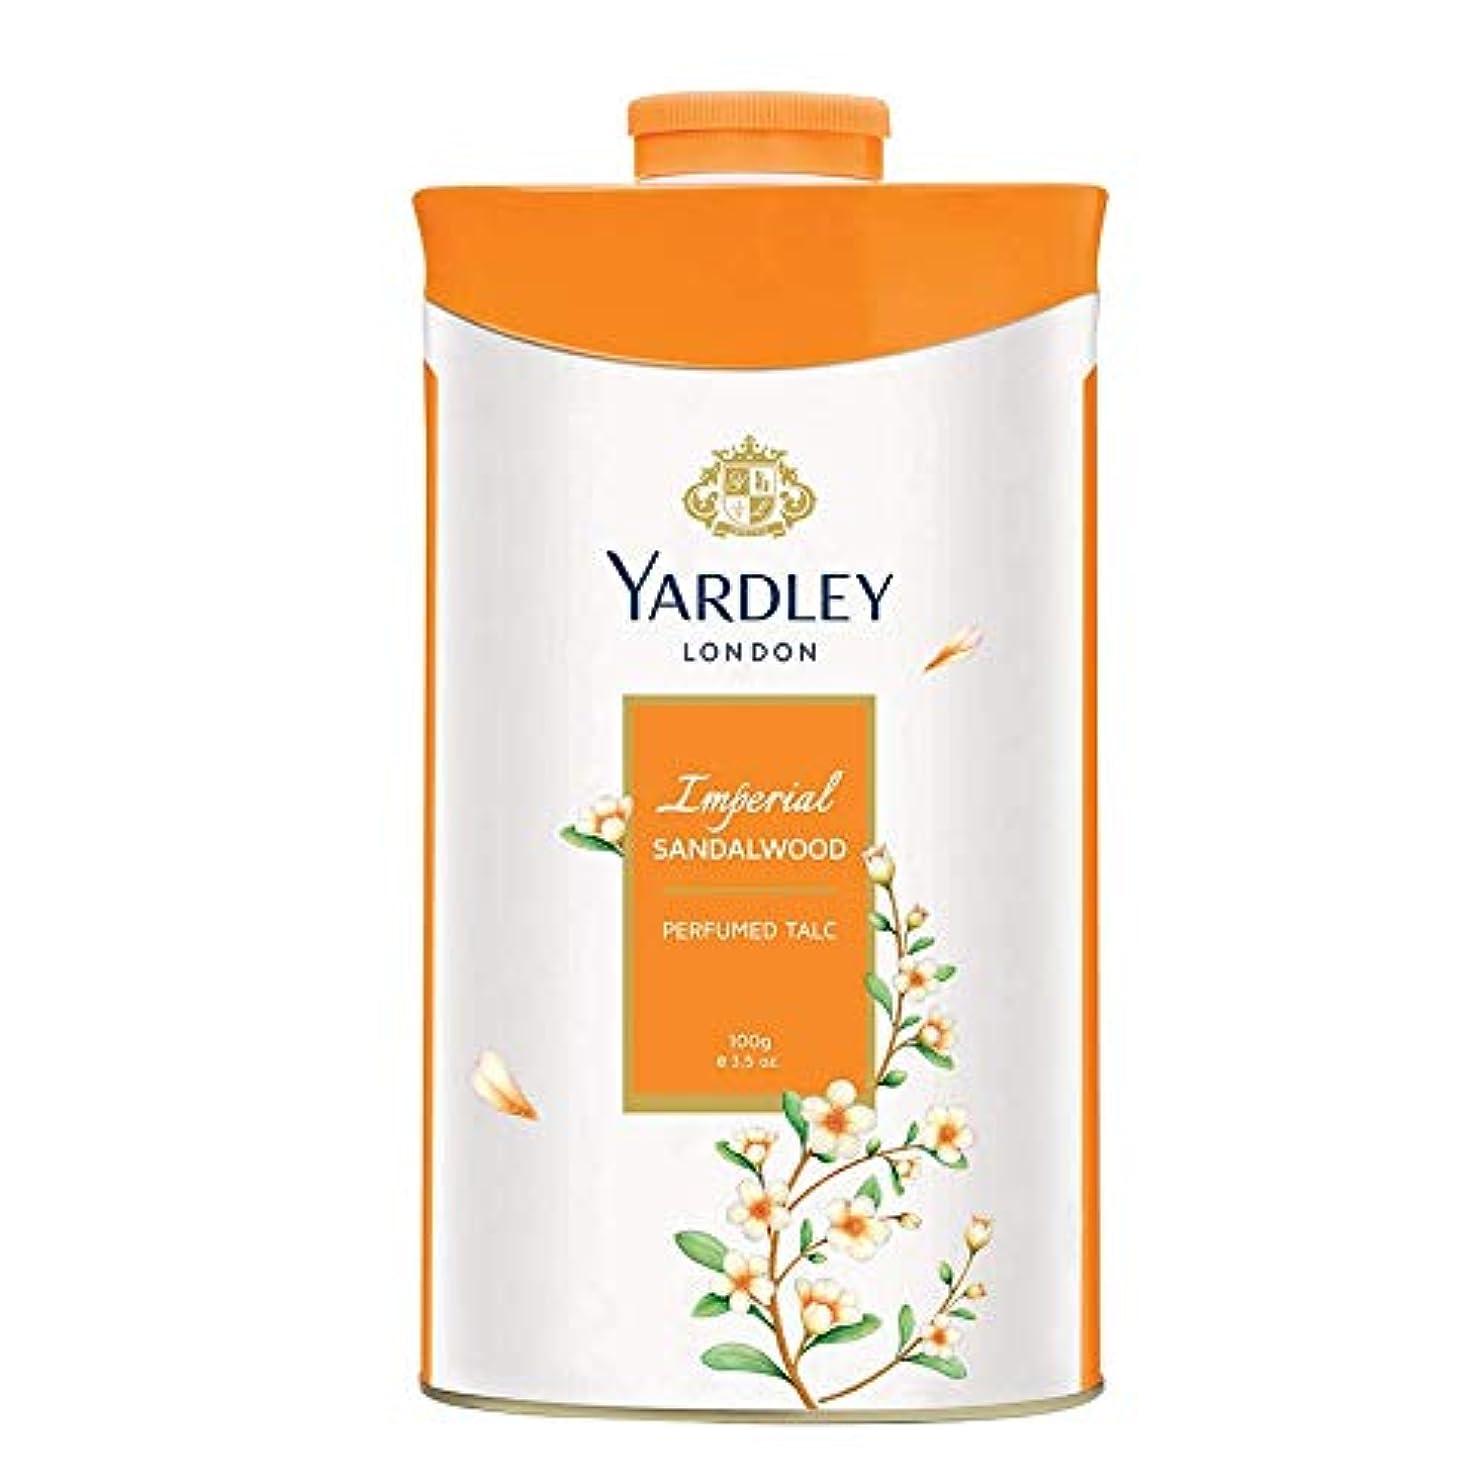 責め途方もない敬礼Yardley London Perfumed Talc Sandalwood 100gヤードレーロンドンパフュームタルクサンダルウッド100グラム